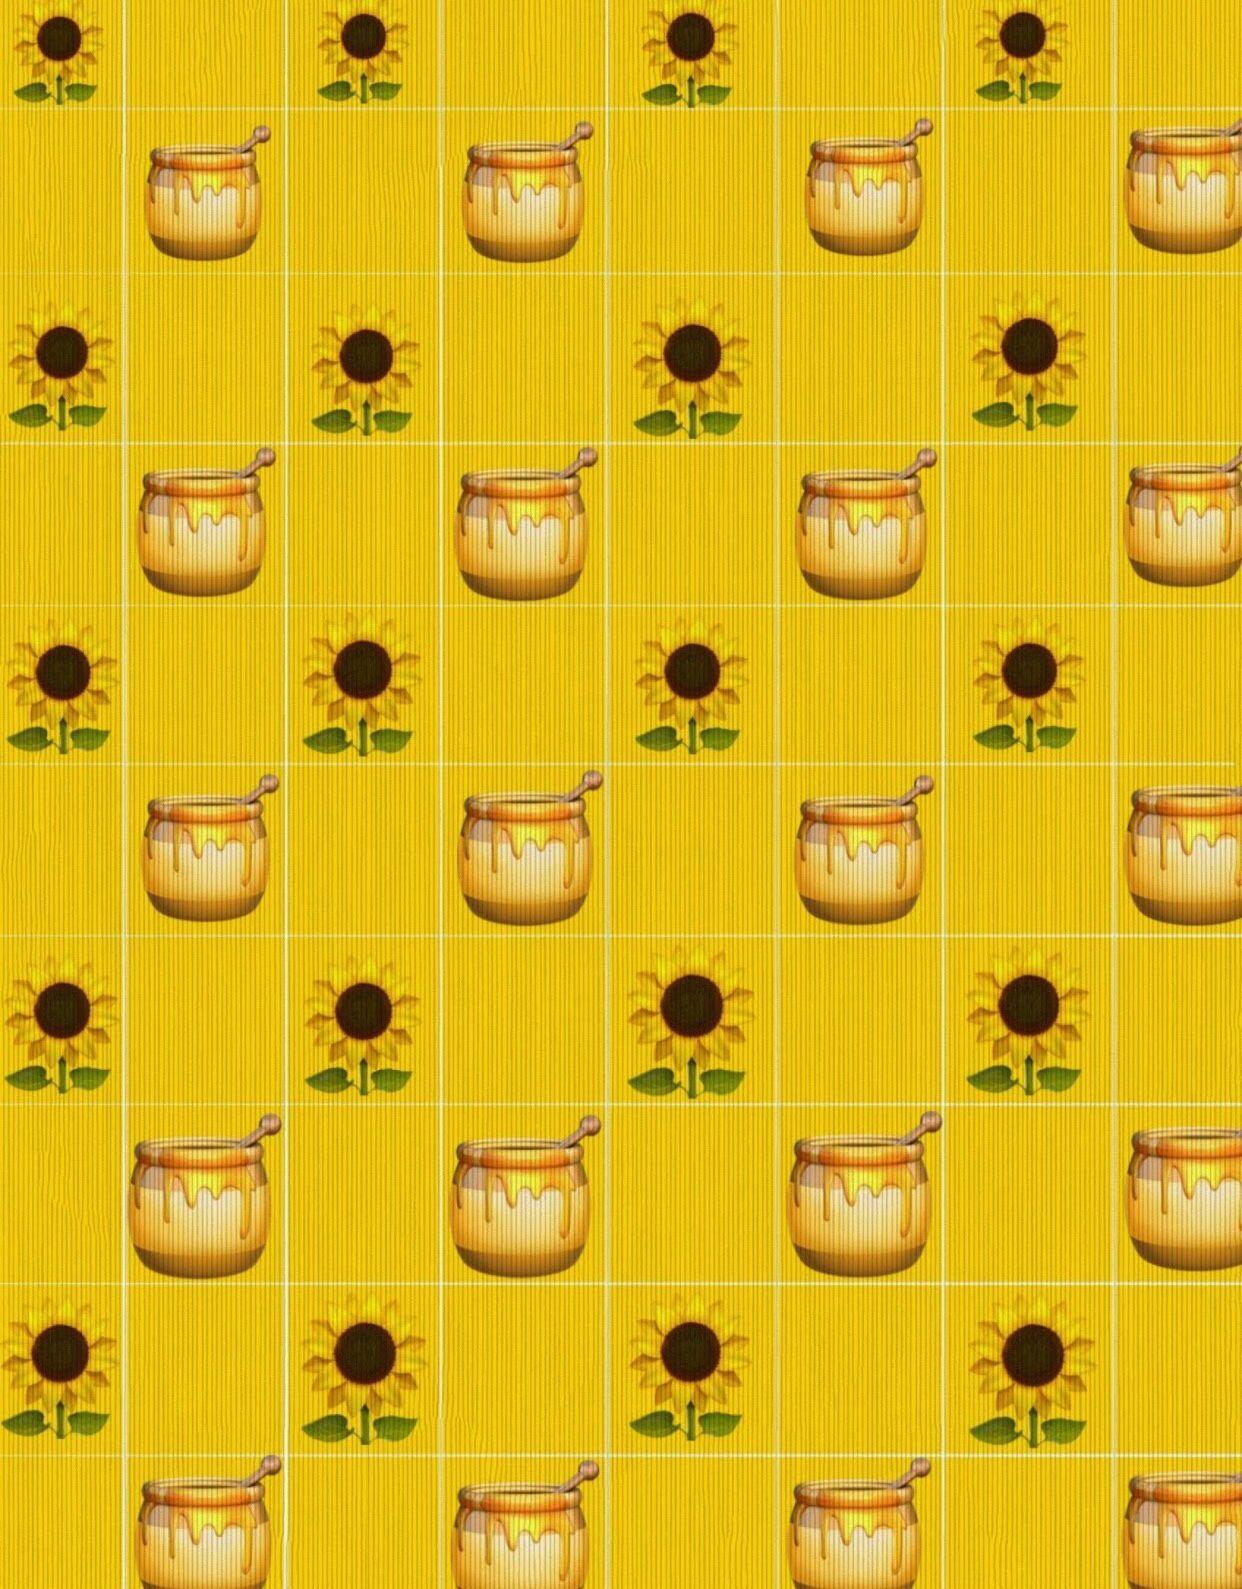 yellow edit yellowaesthetic flower honey sunflower